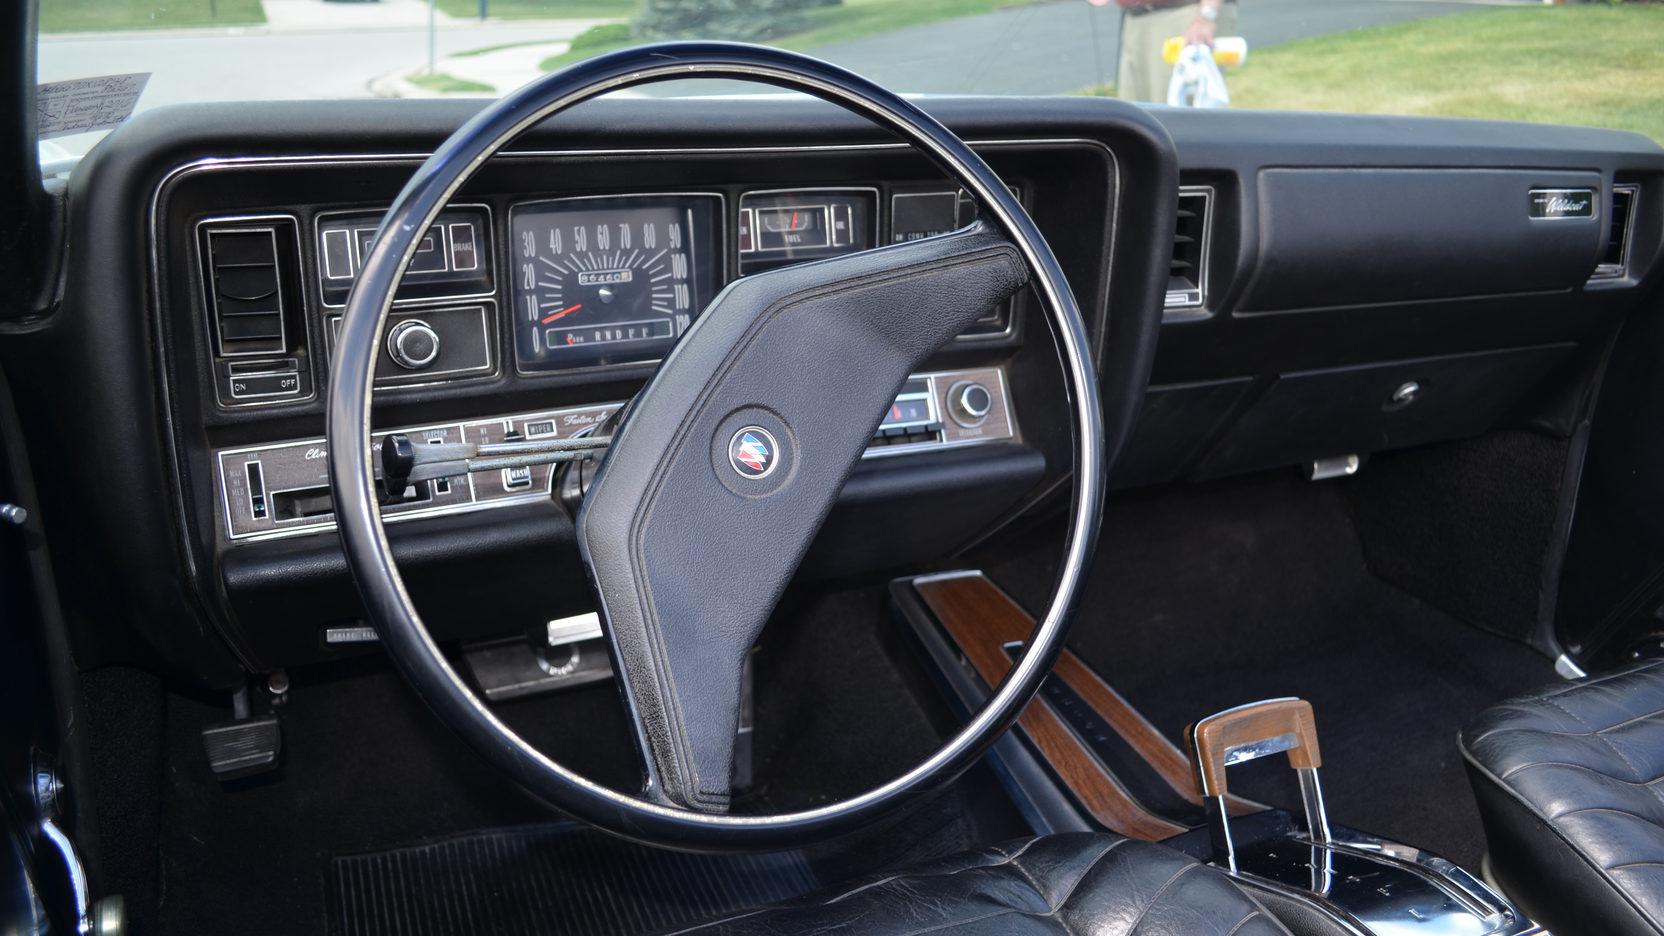 1970 Buick Wildcat interior steering wheel